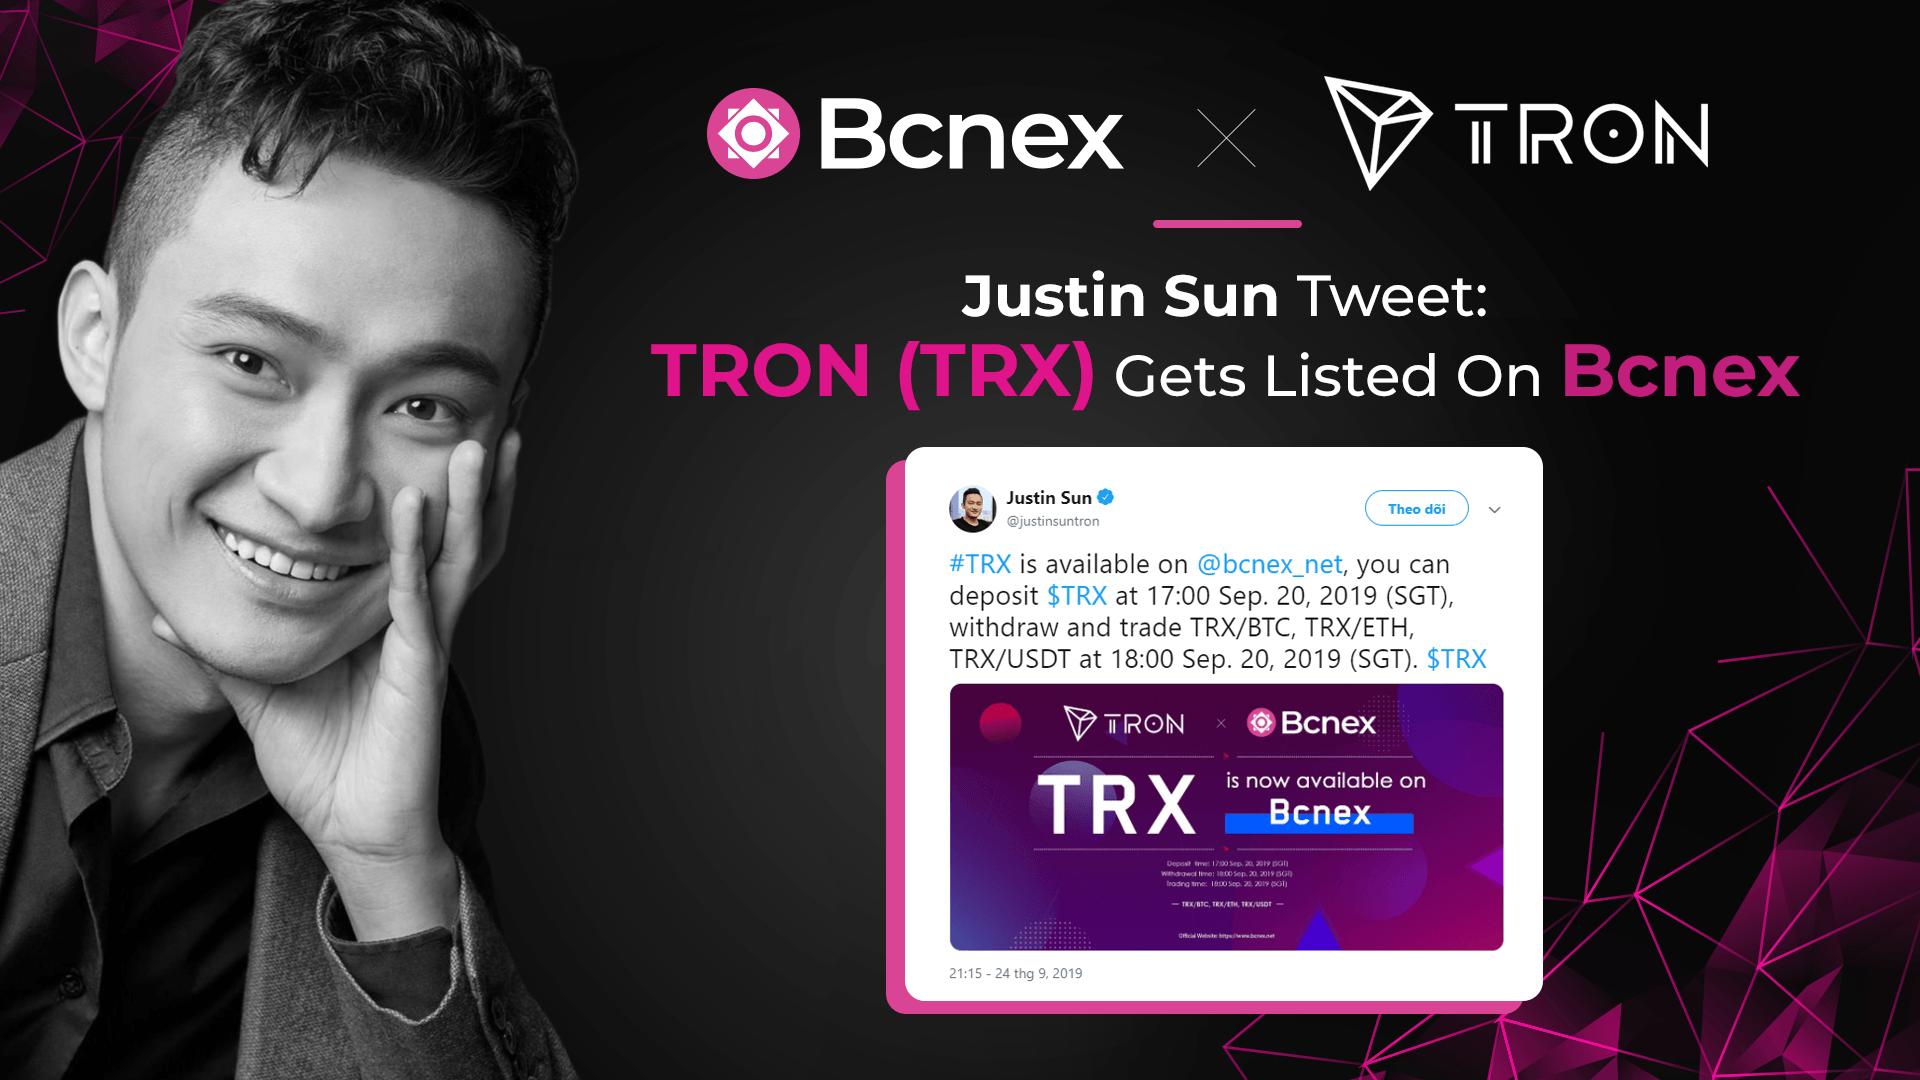 giá bitcoin: Justin Sun Tweet: TRON (TRX) Được Niêm Yết Trên Bcnex — Sàn Giao Dịch Số 1 Việt Nam